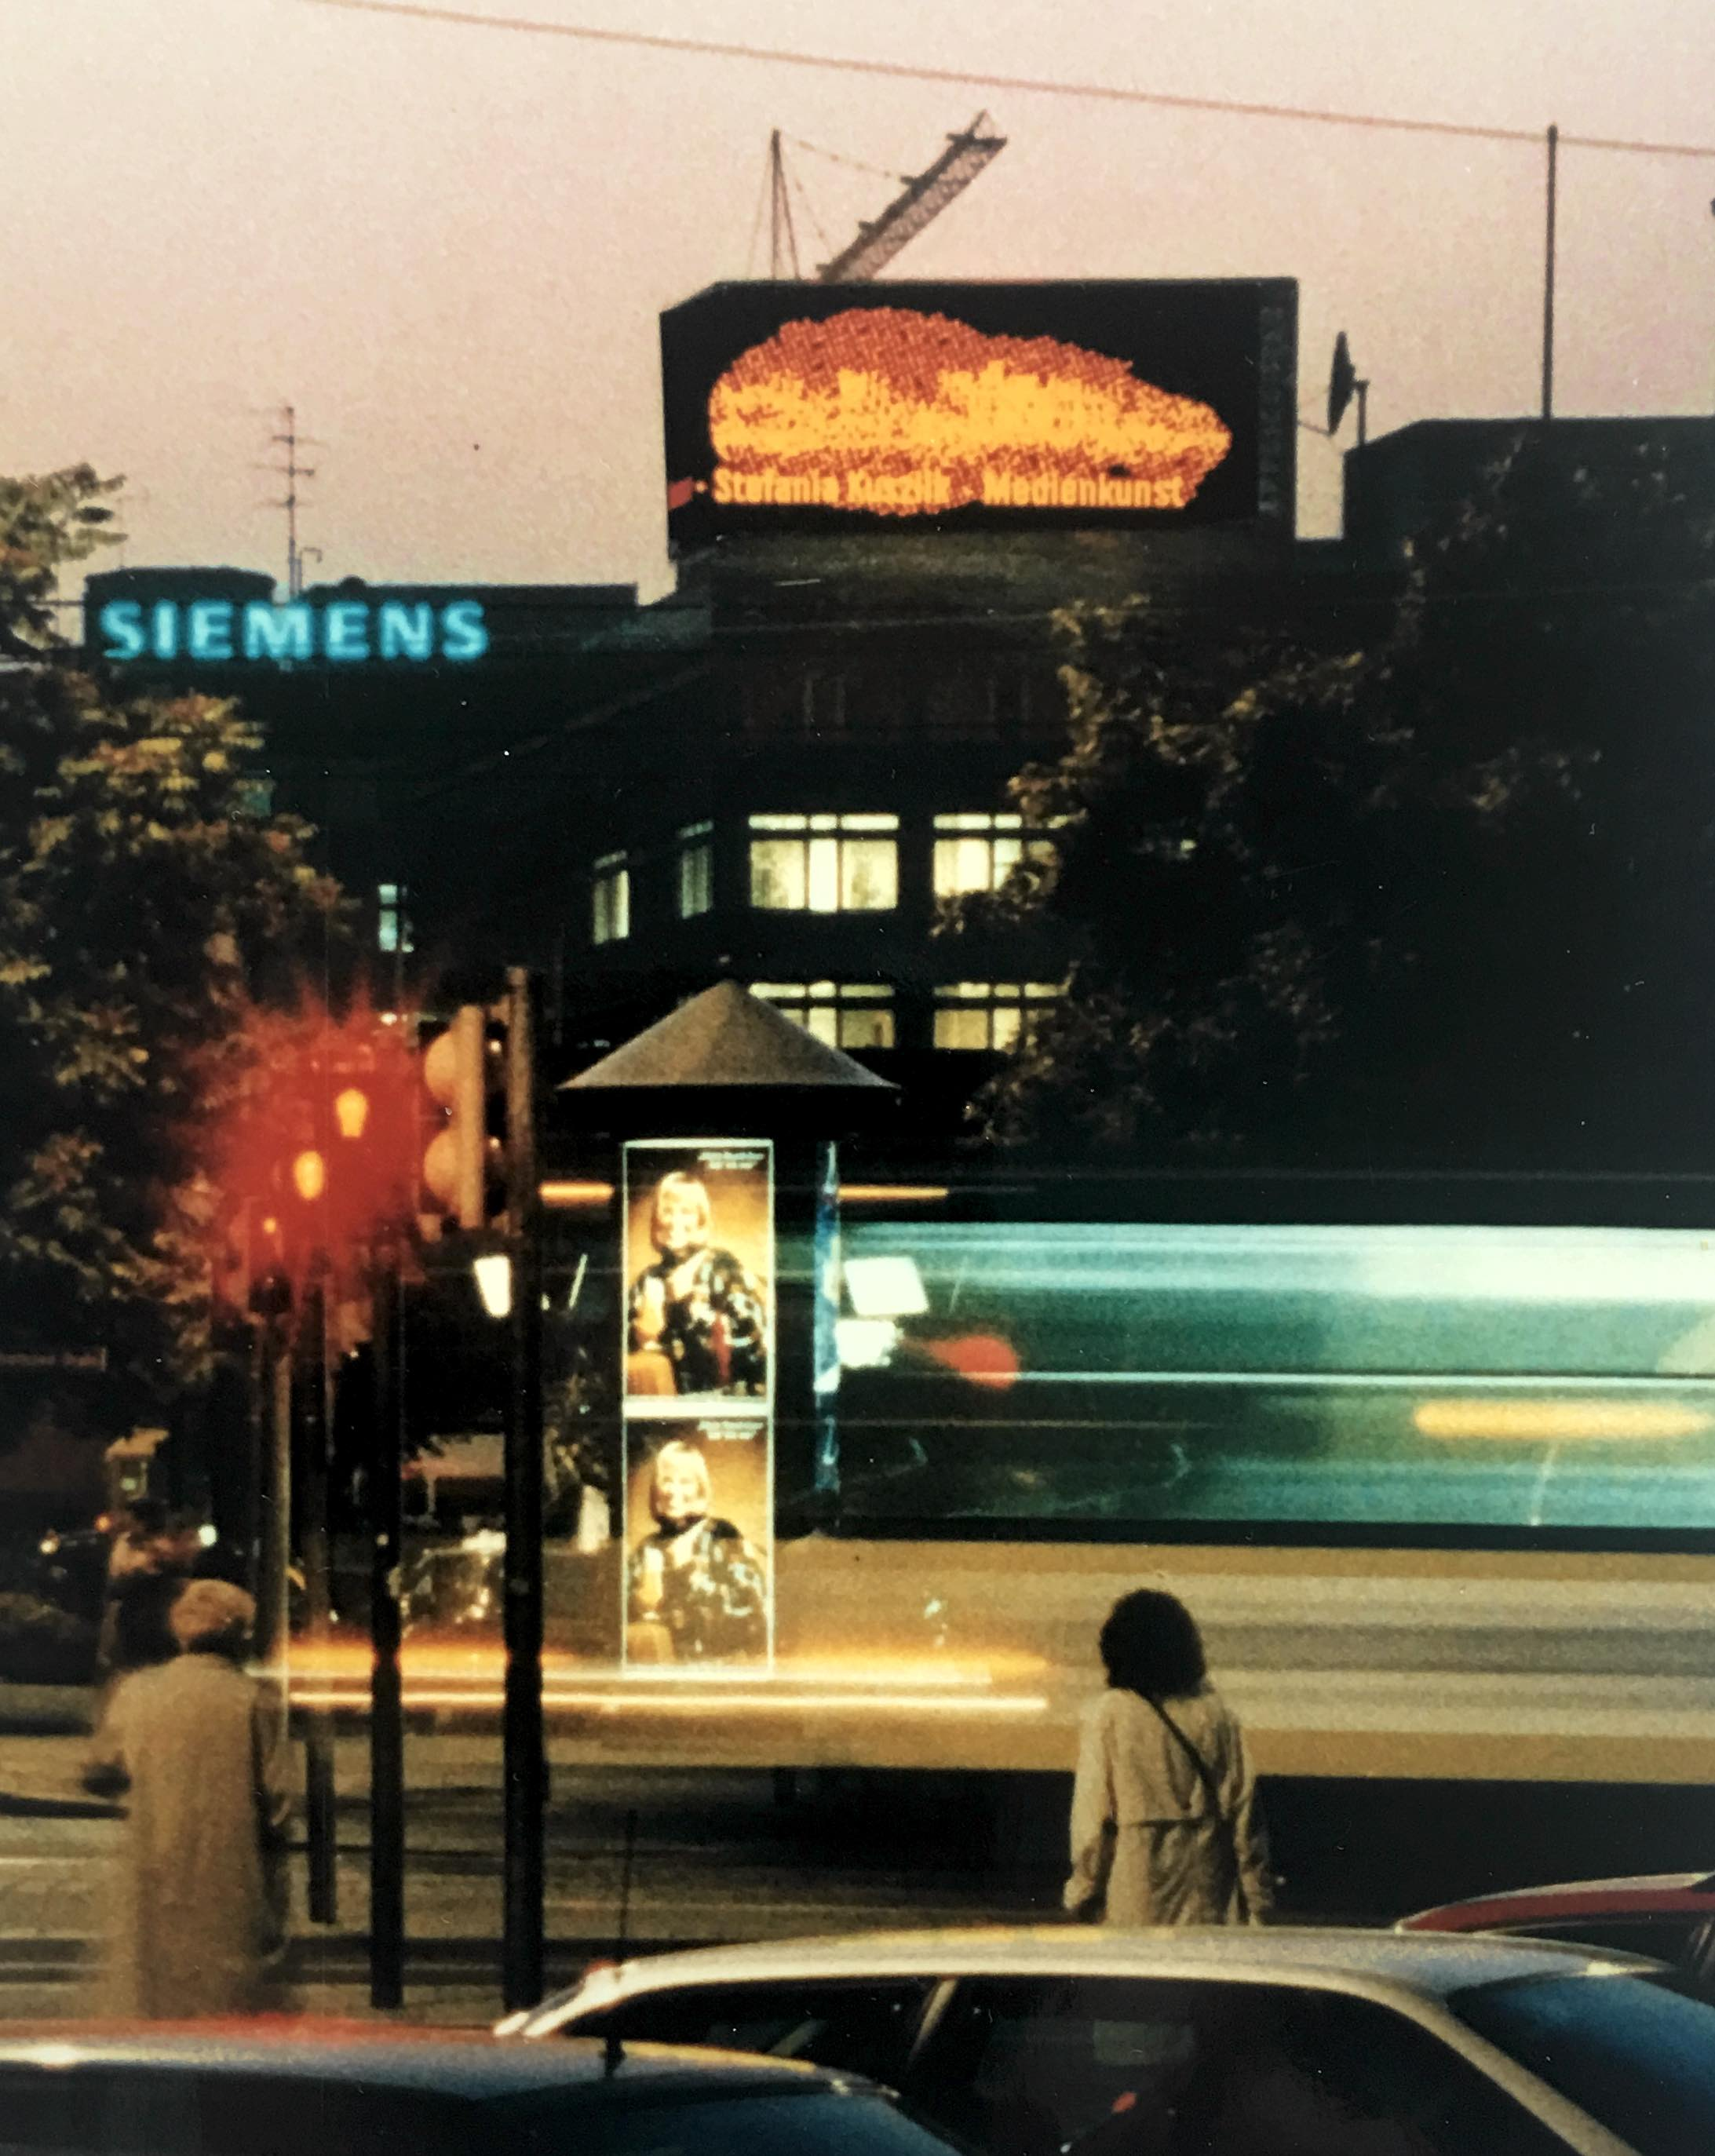 stadt am wasser, led-screen am tröndlingring, leipzig 1994